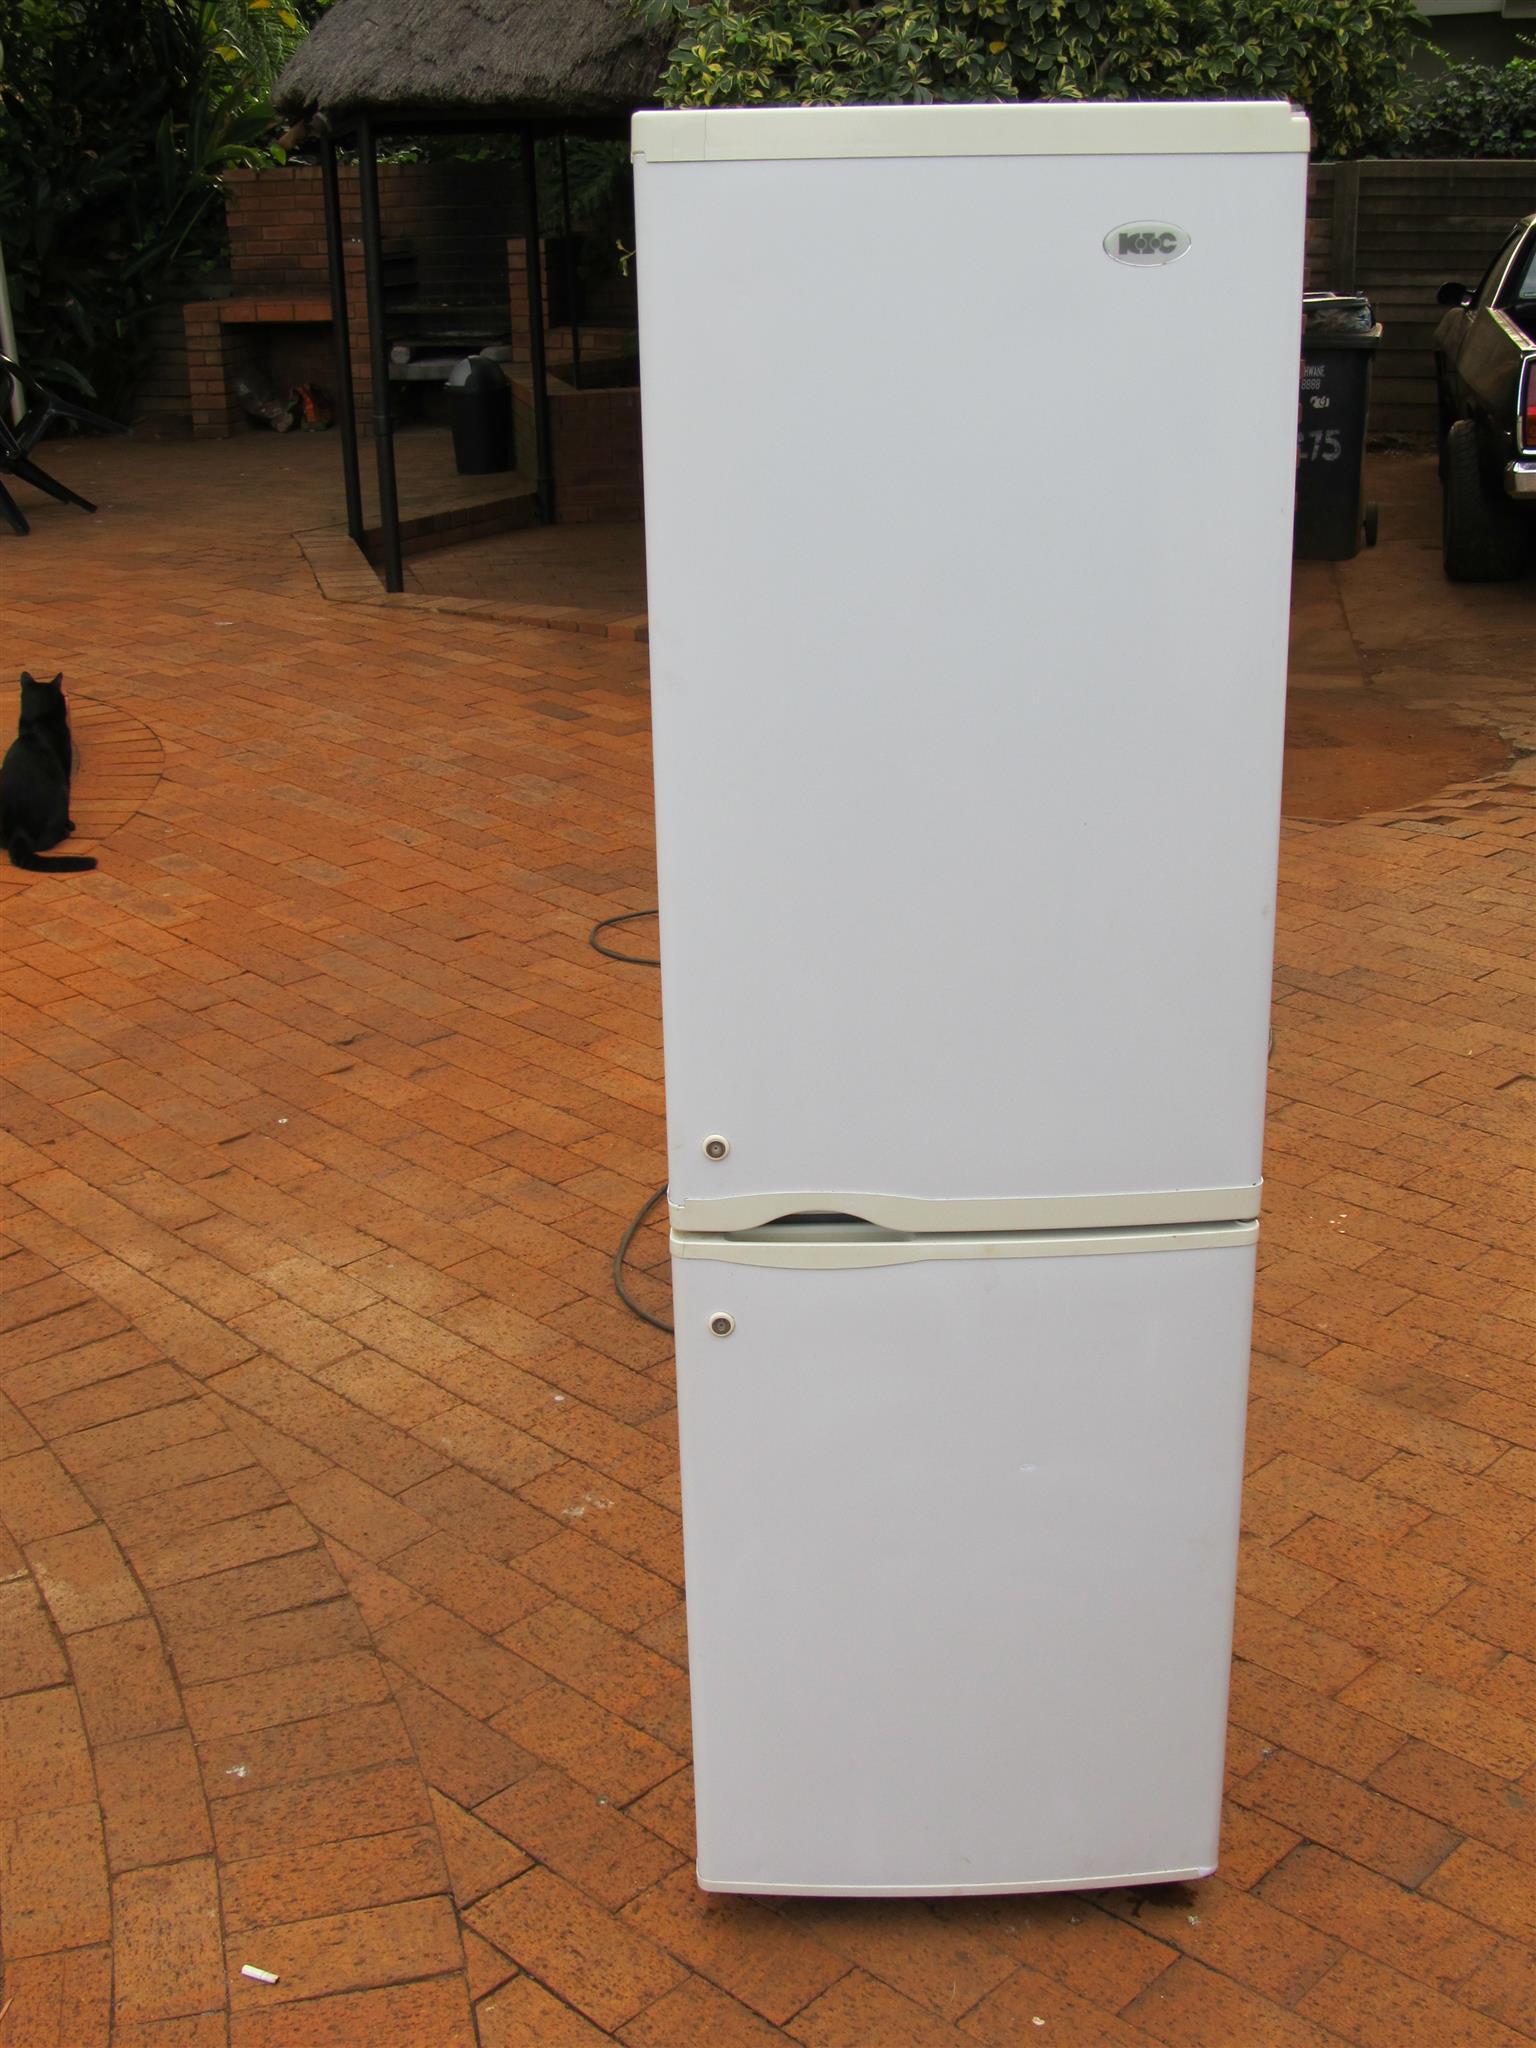 KIC Double door fridge/ freezer 316L